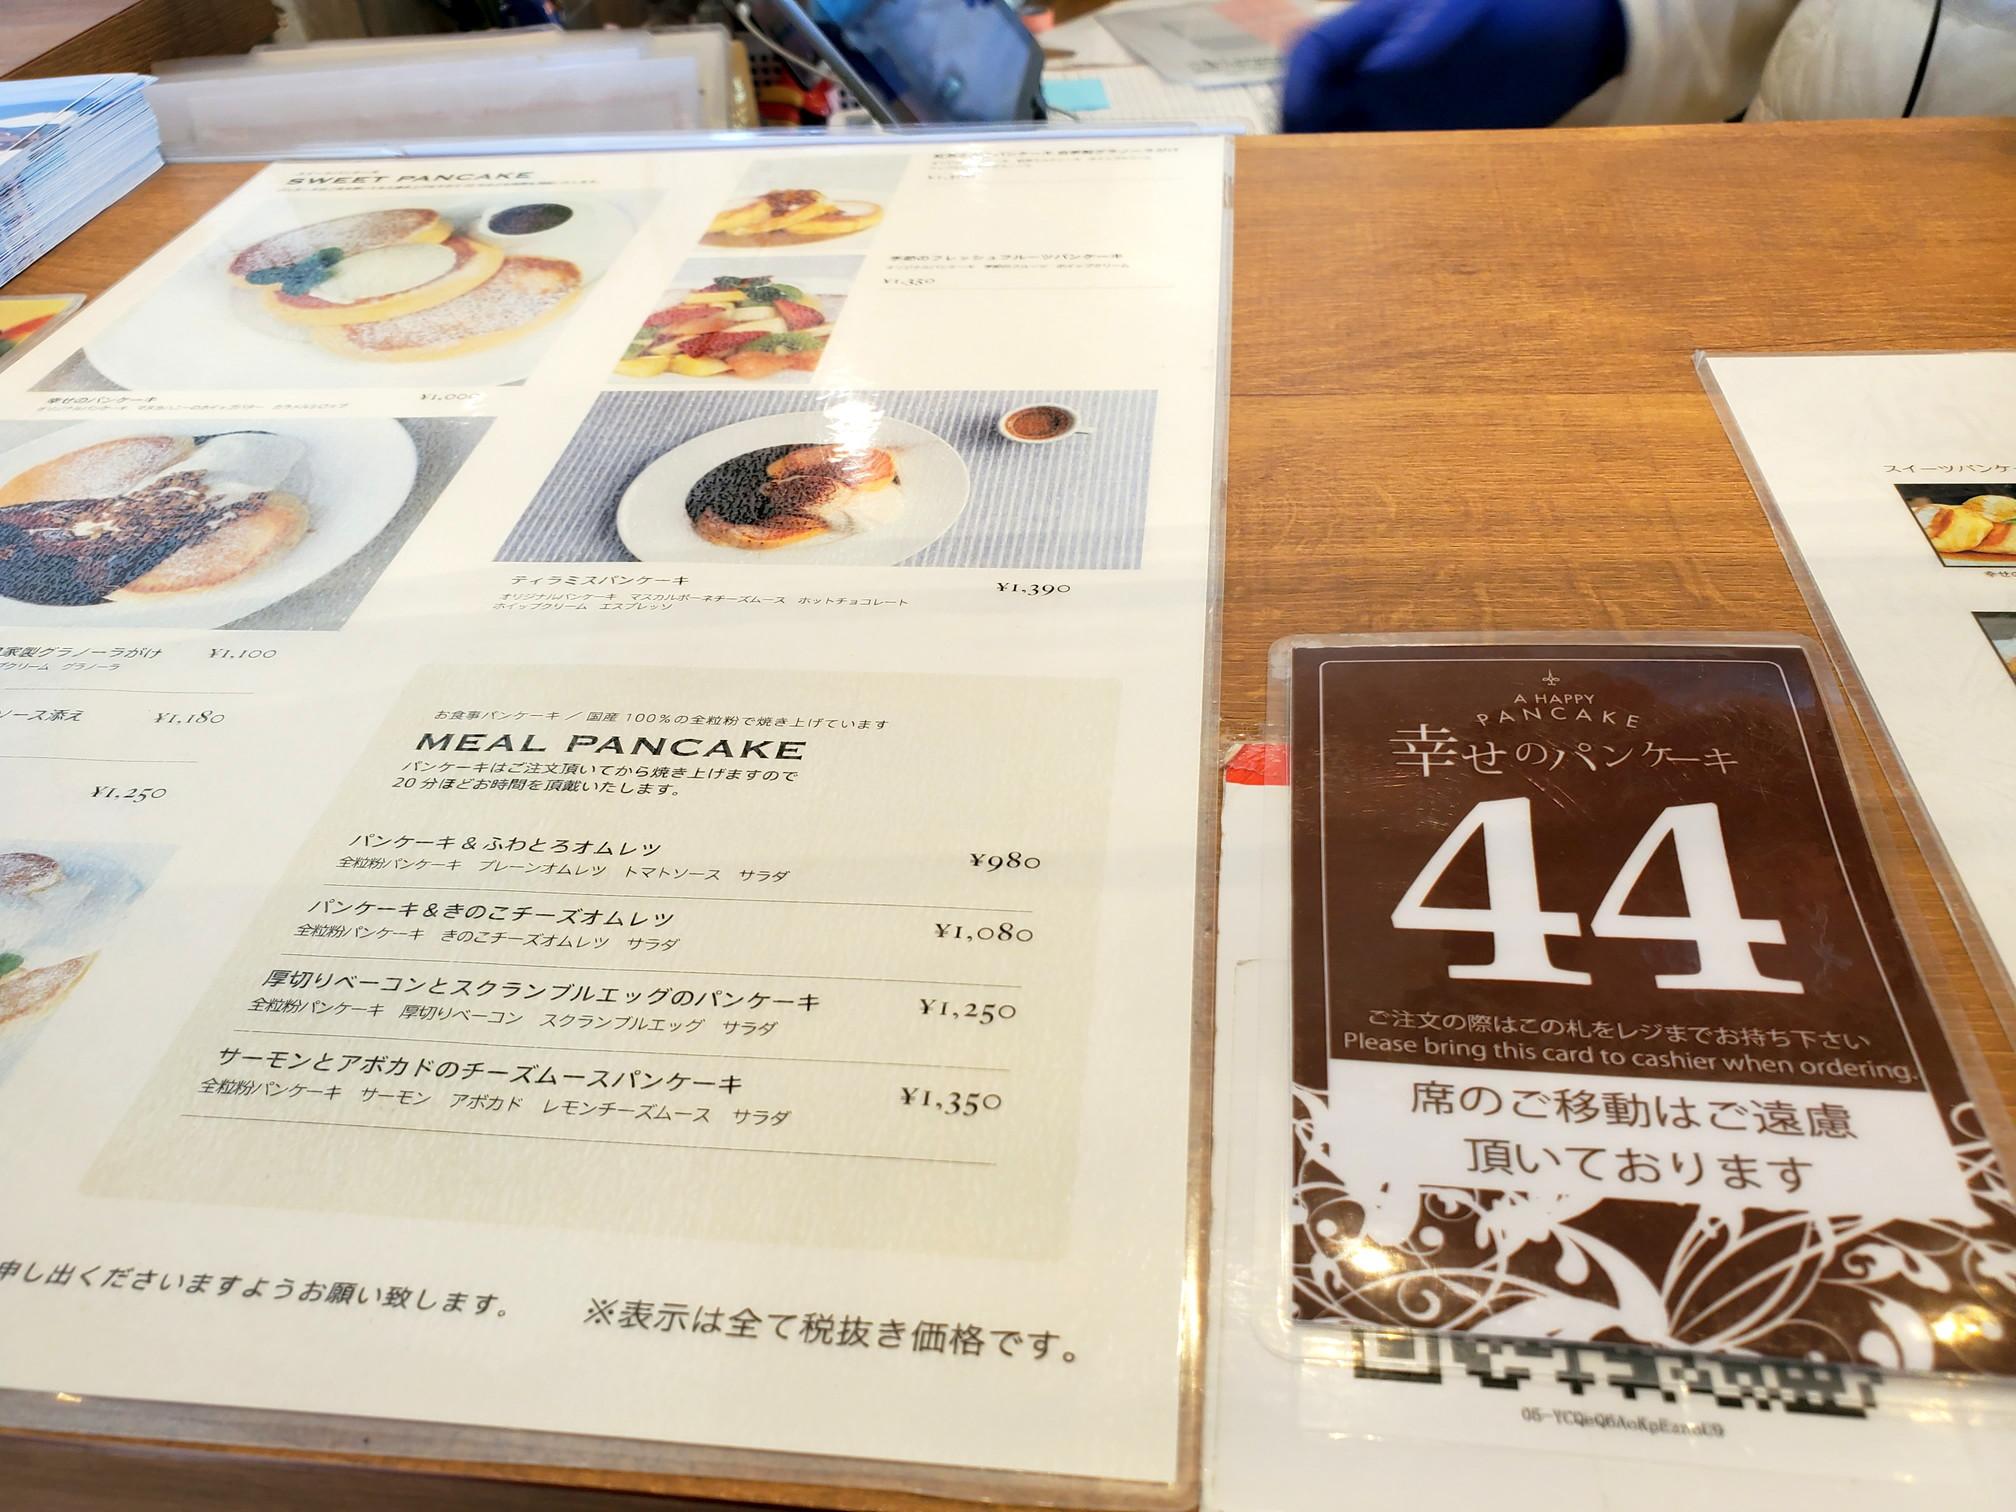 の 淡路島 ケーキ 幸せ メニュー パン